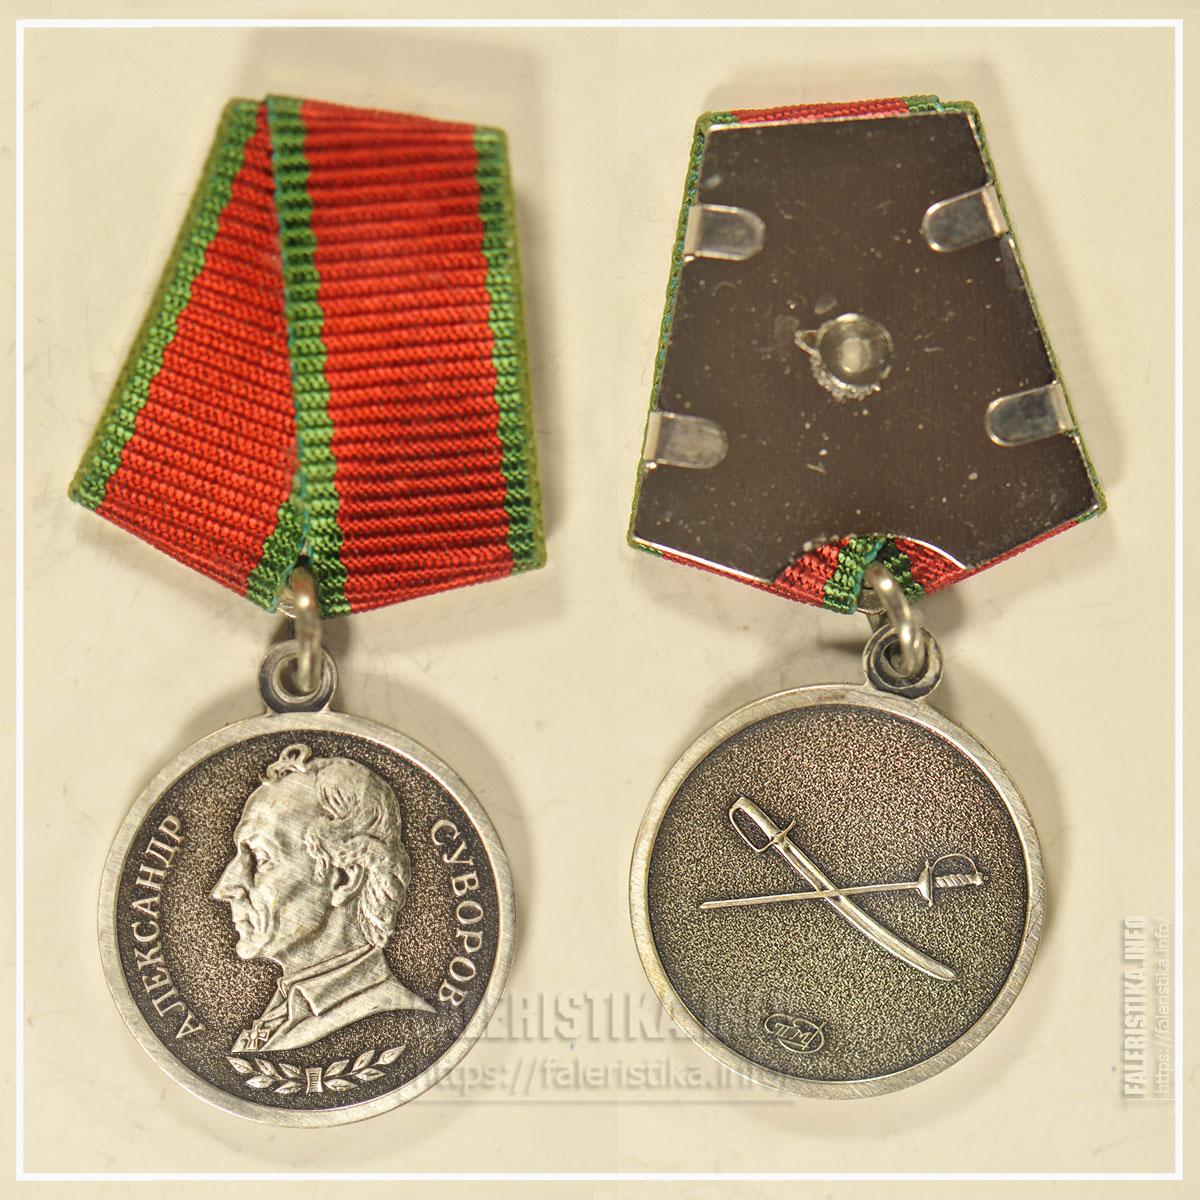 Медаль Суворова. Миниатюрная копия знака (фрачник). Санкт-Петербургский монетный двор